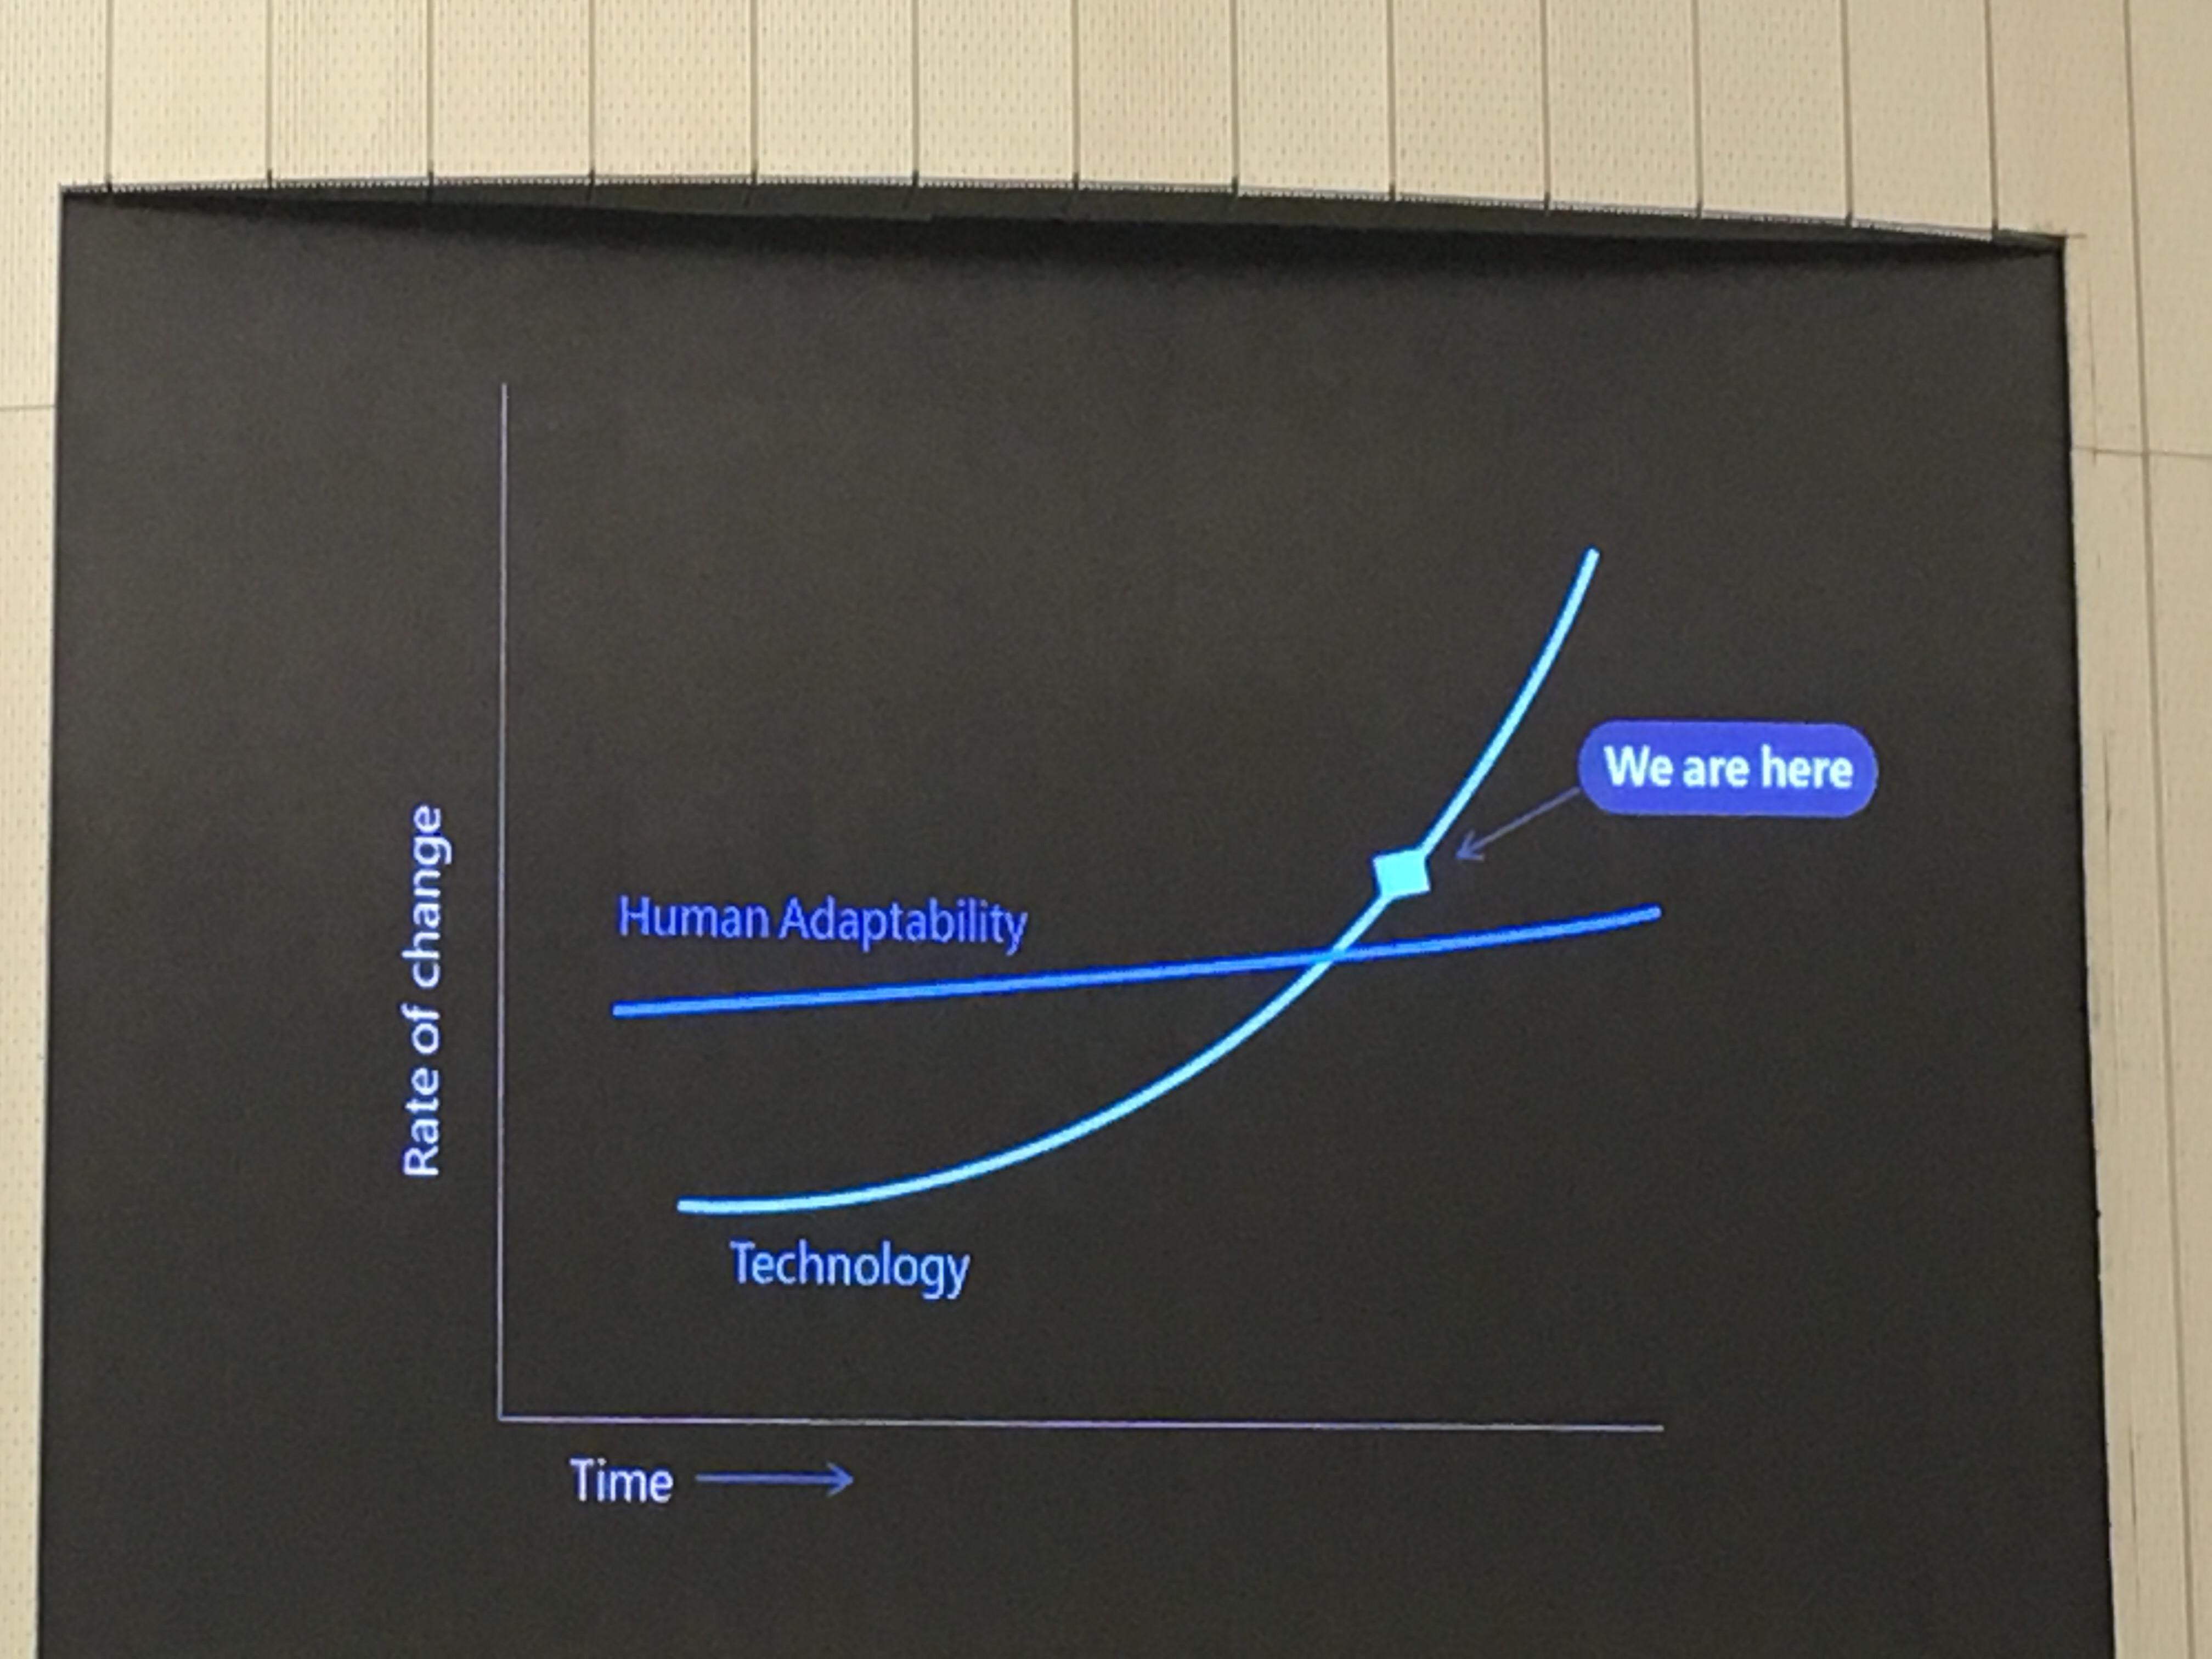 縦軸変化の割合と横軸時間のグラフ